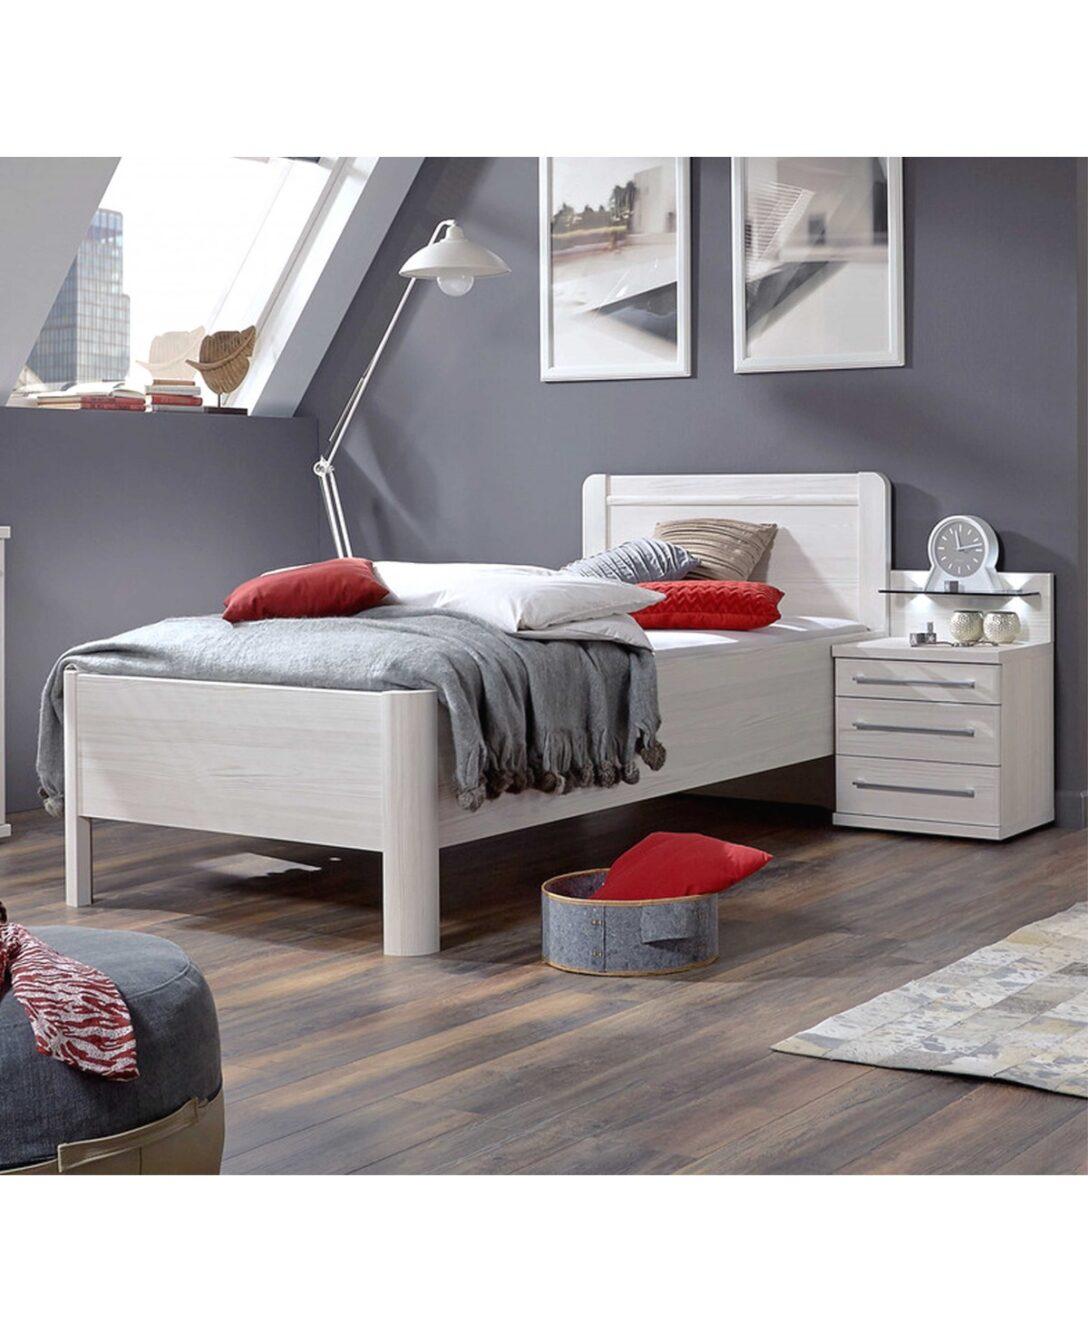 Large Size of Metallbett 100x200 Wiemann Komfortbett Seniorenbett Nachtschrank Led Mainau Bett Weiß Betten Wohnzimmer Metallbett 100x200